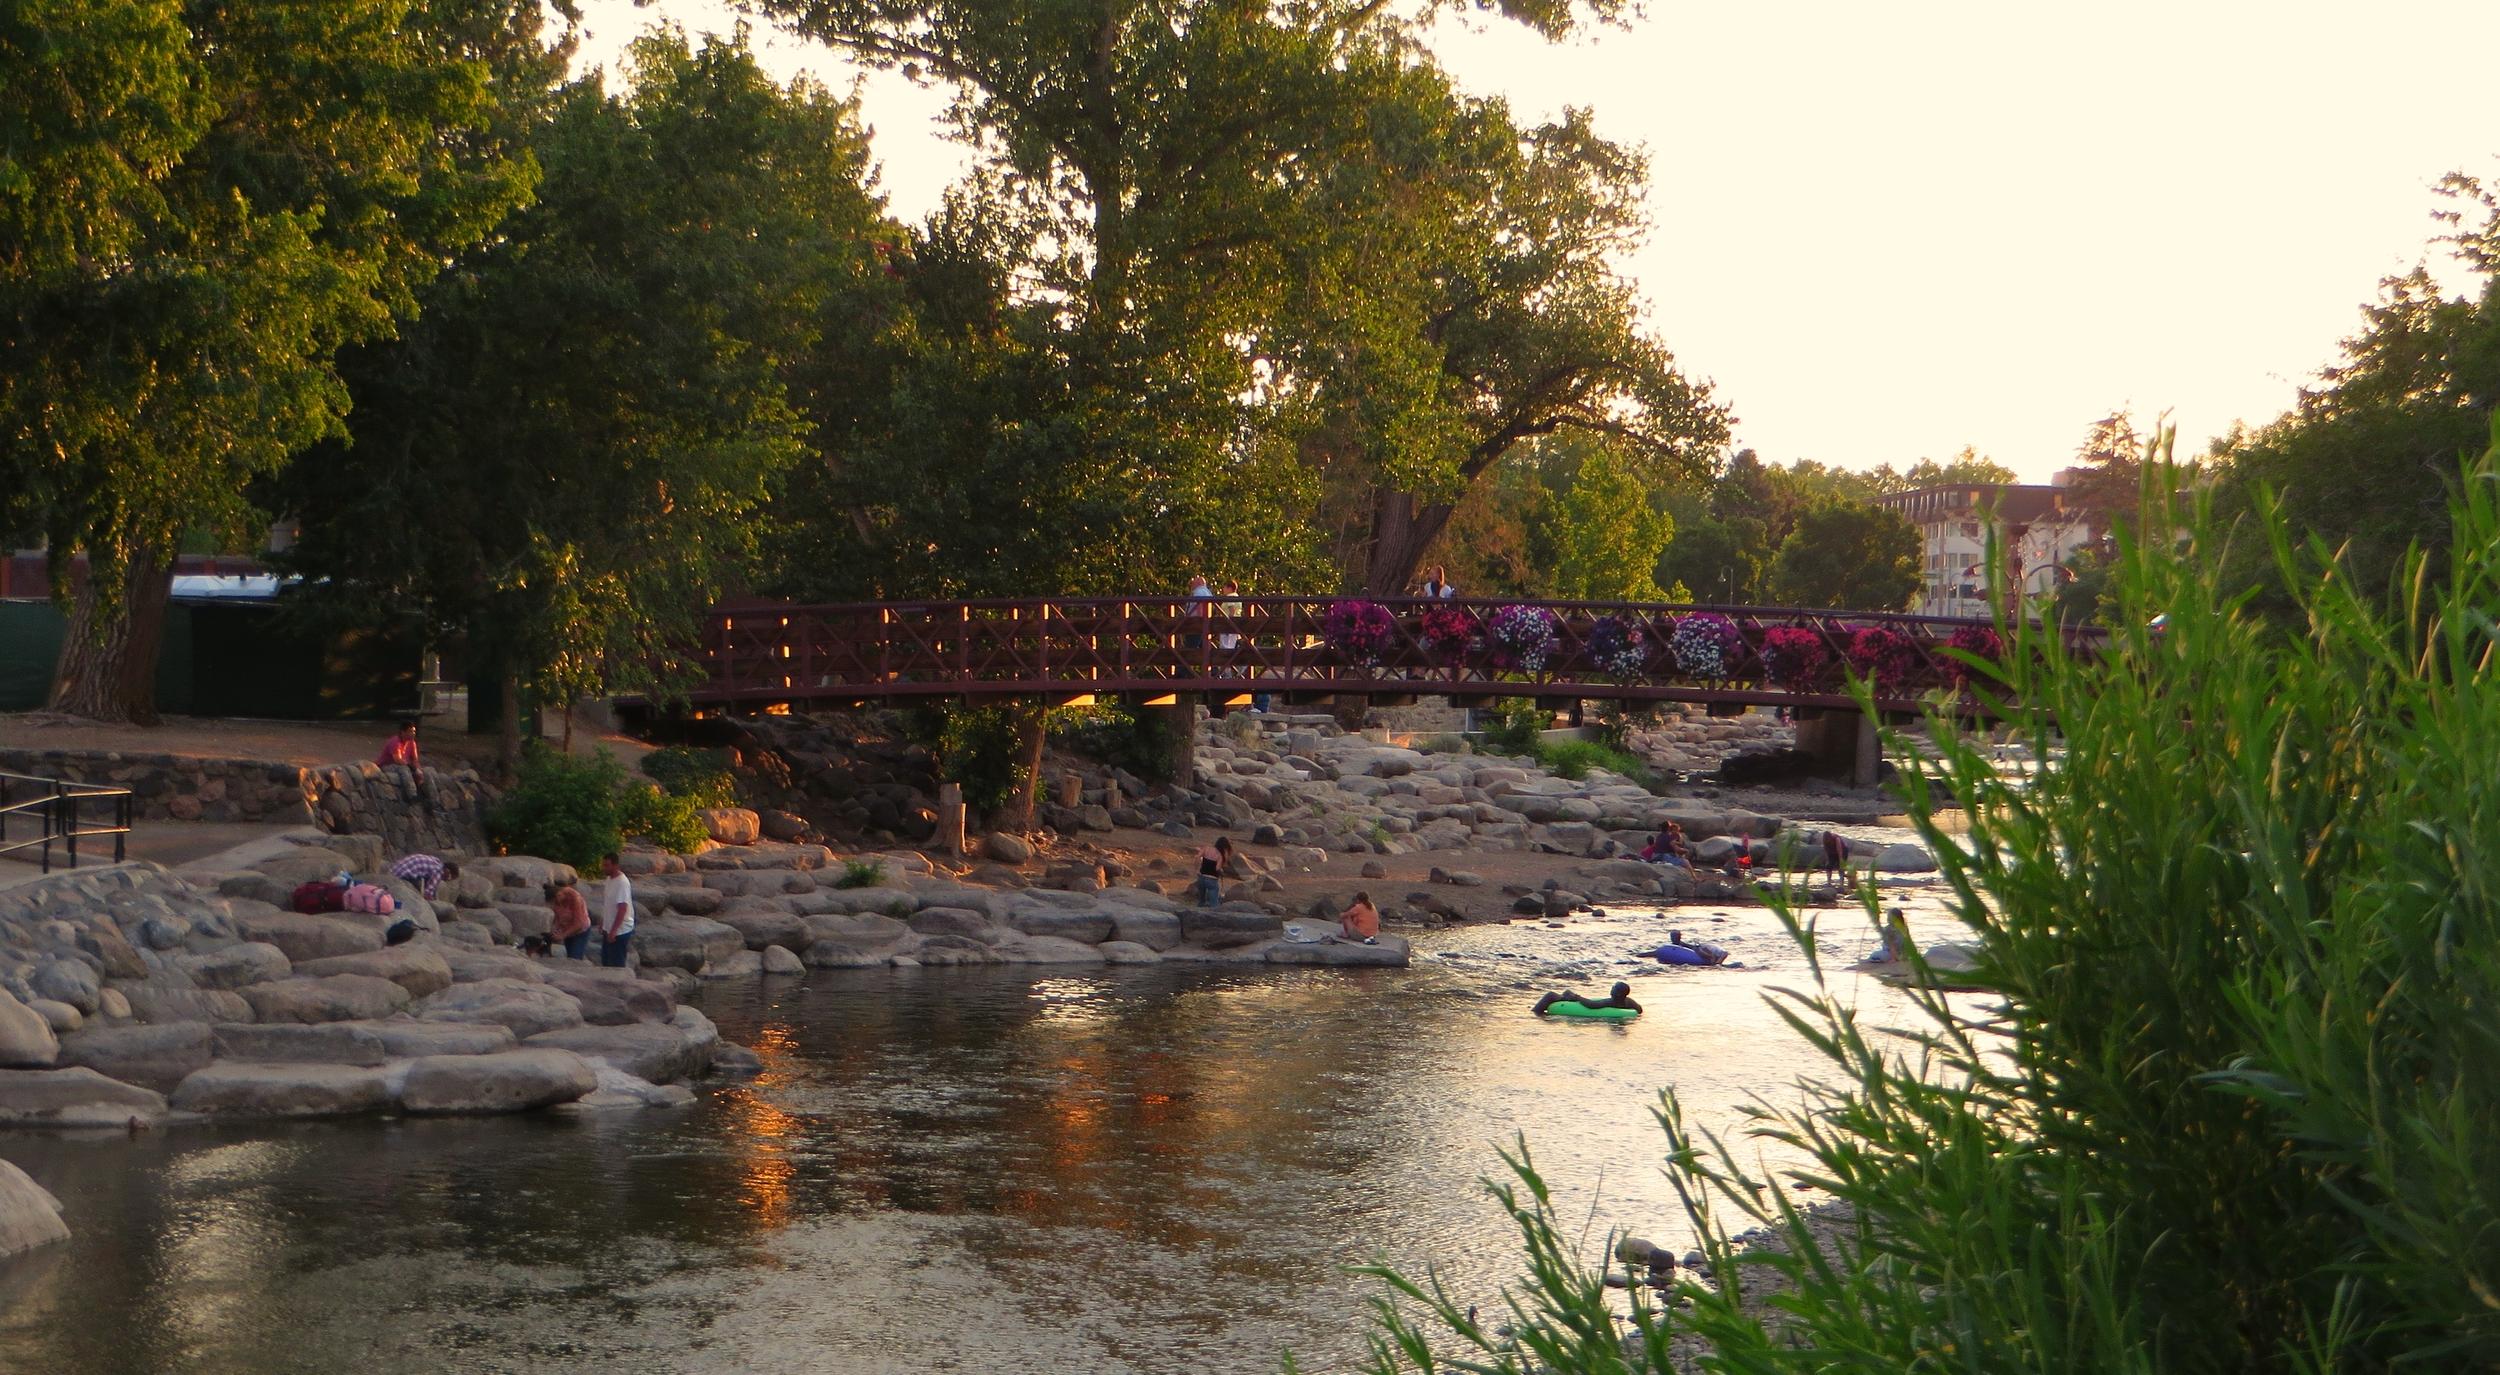 Truckee River, Wingfield Park, Reno, Nevada